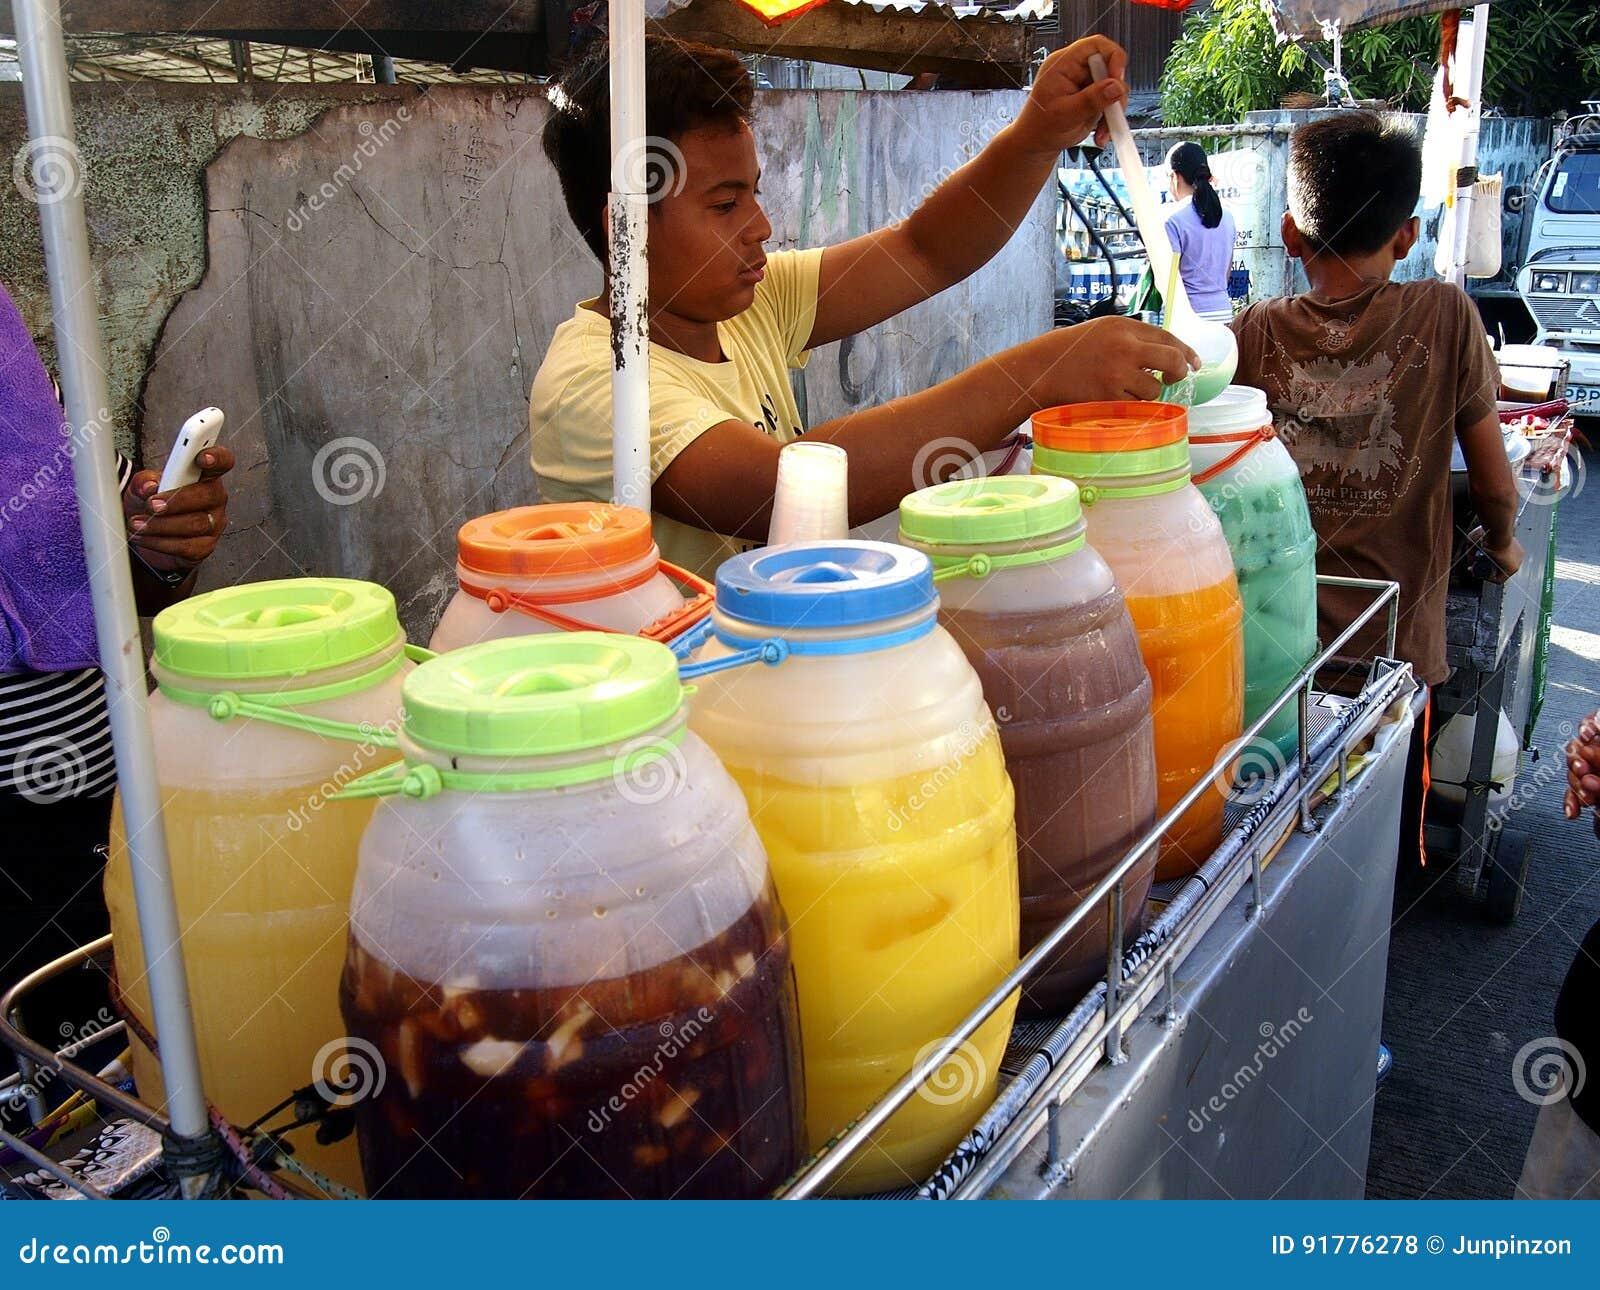 Un vendedor ambulante vende una variedad de zumo de fruta y otros refrigerios en su carro de la bebida en una calle en la ciudad